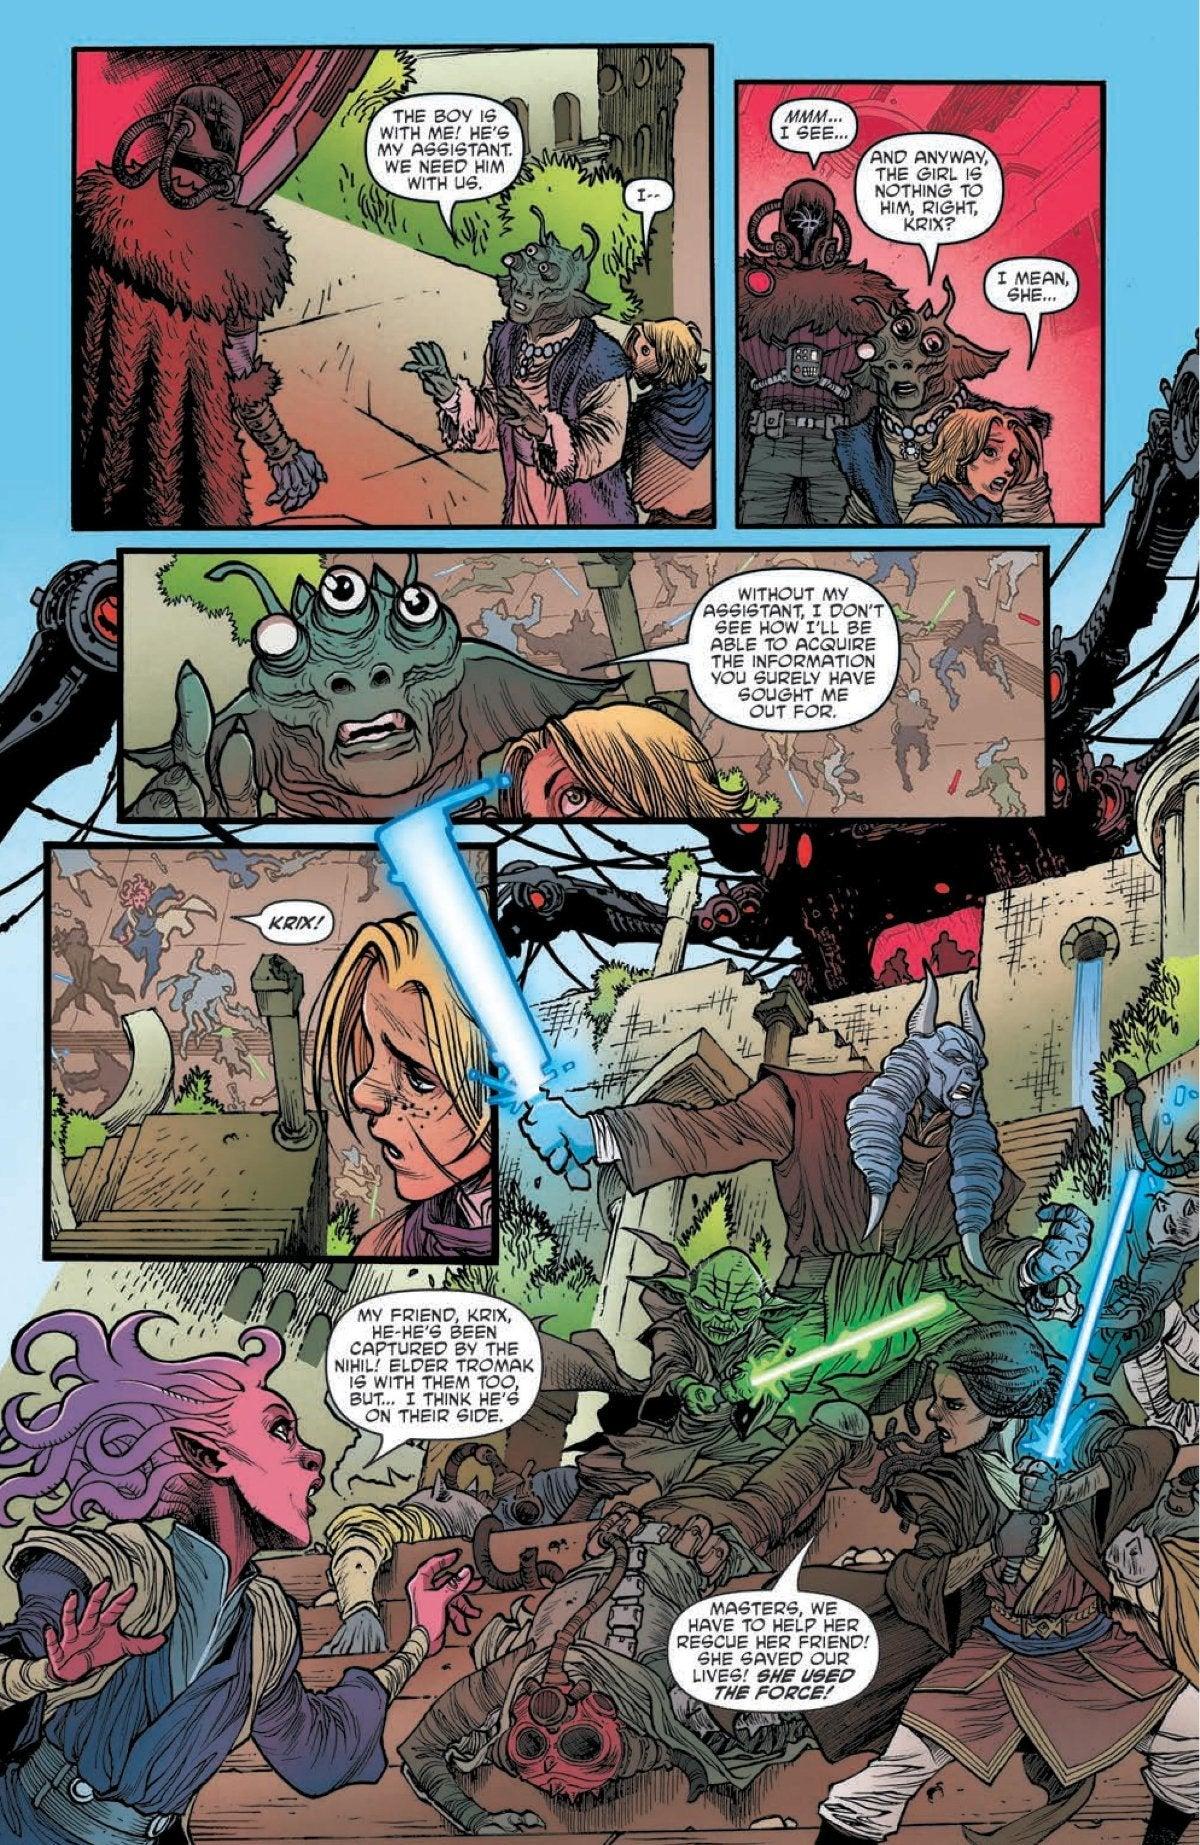 SWAHRA02-pr-page-006